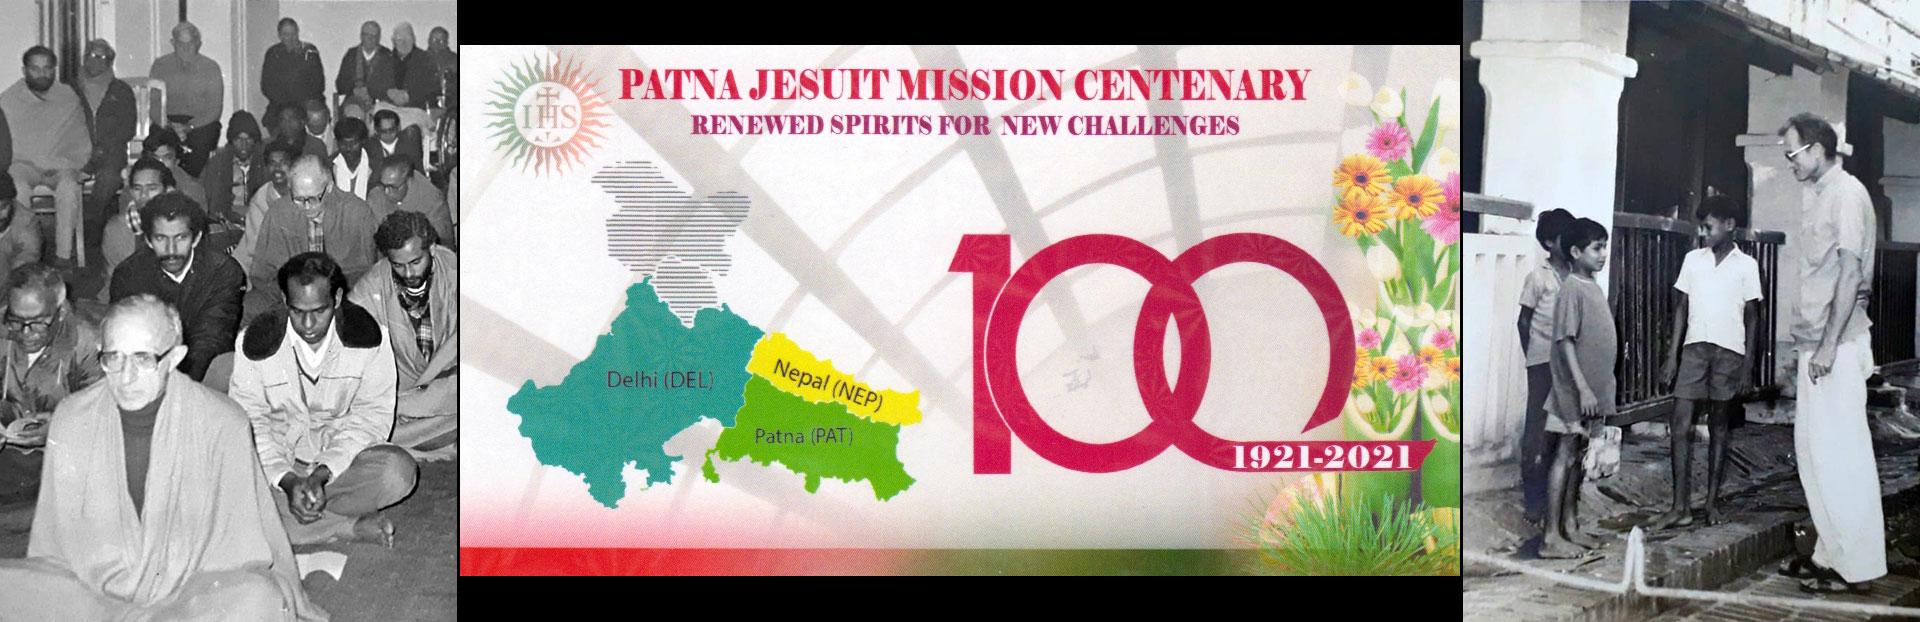 La historia de los jesuitas de Patna, ¿en breve? ¡100 años de bendiciones!